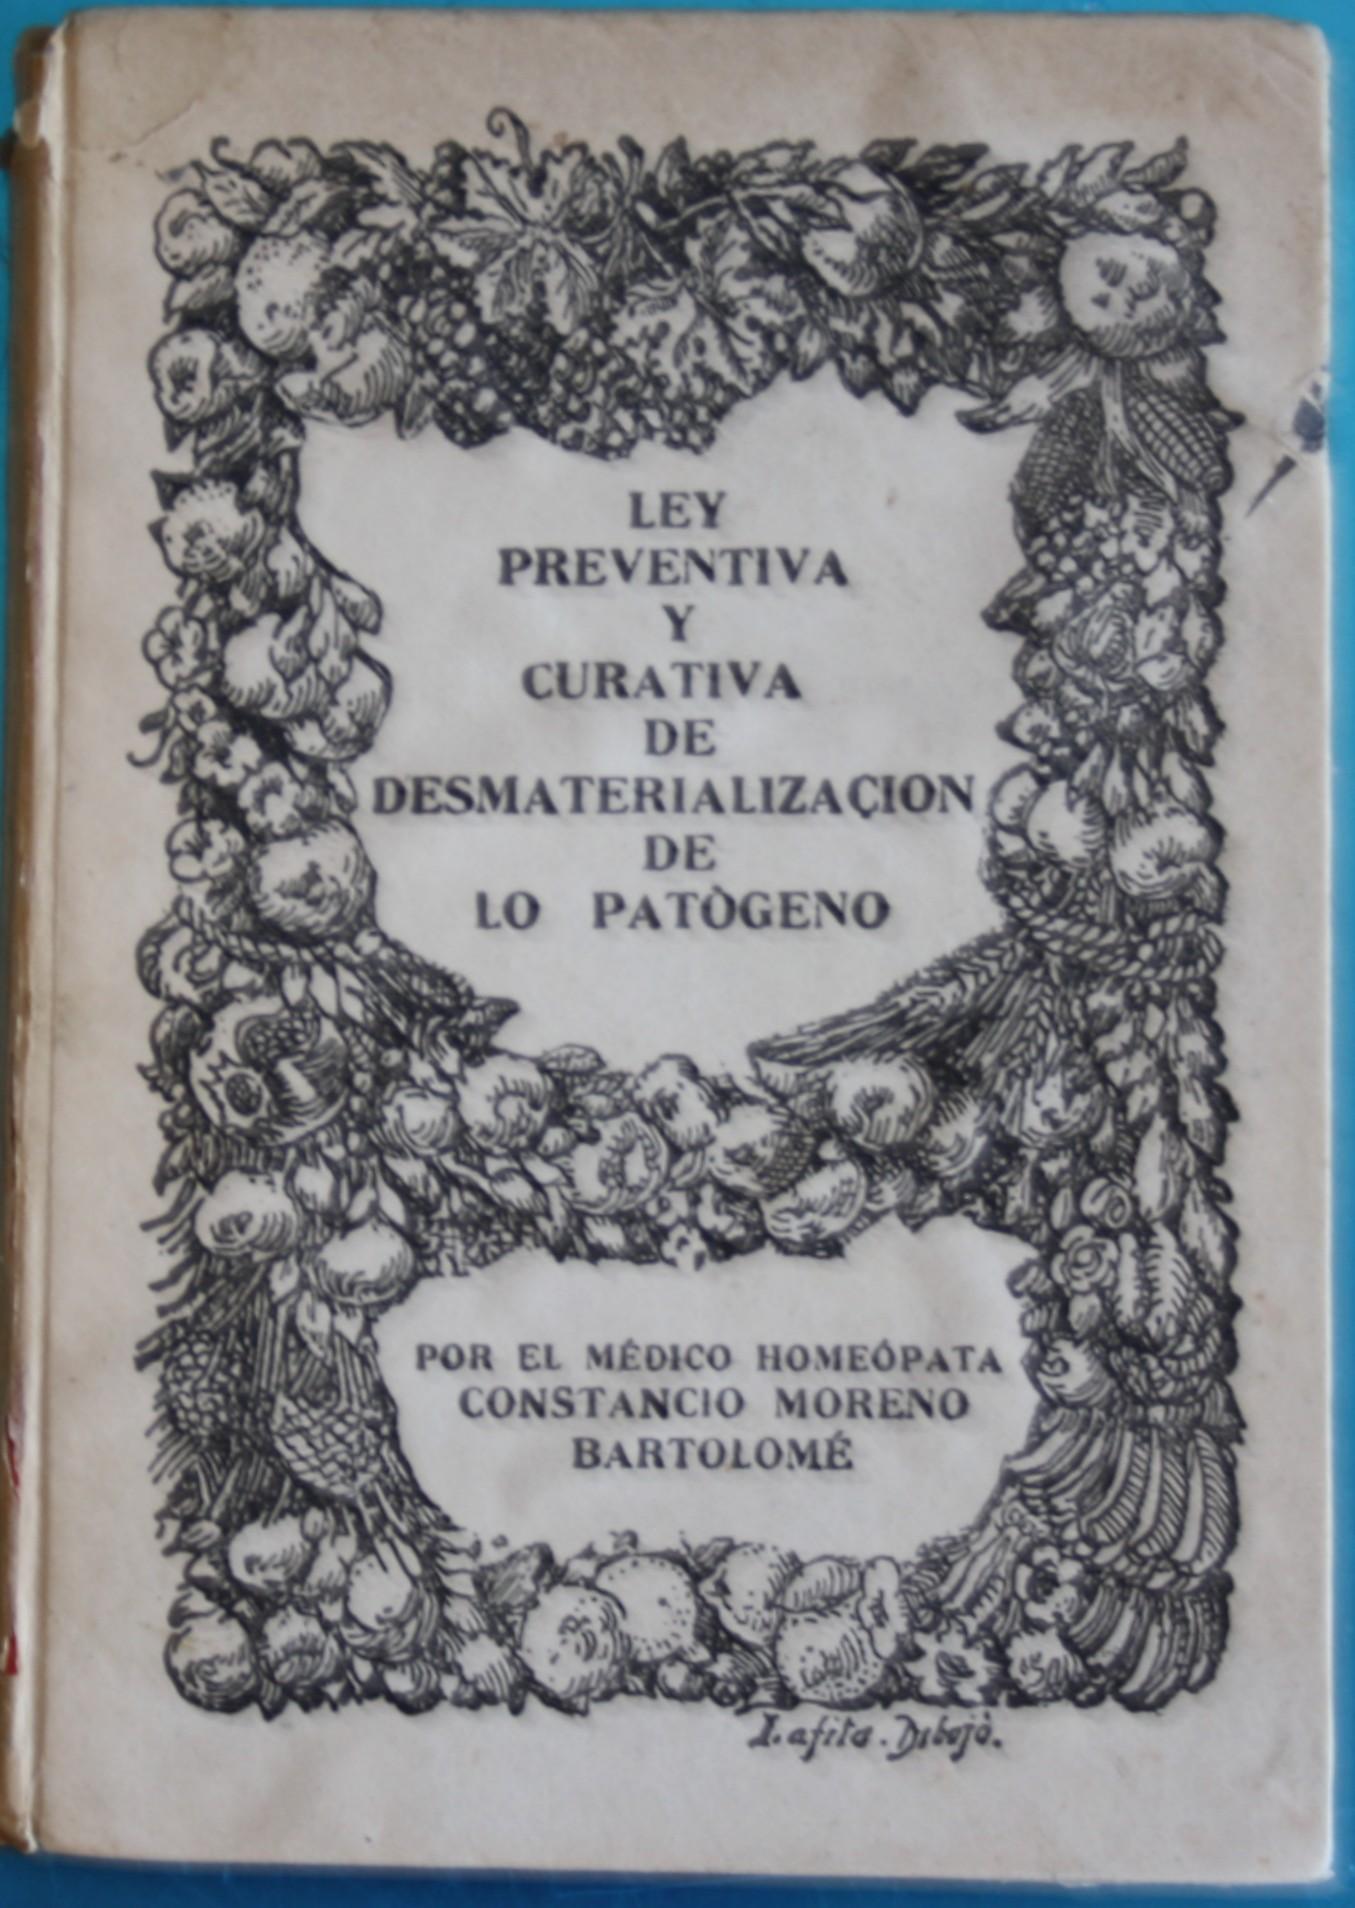 Portada de un libro de don Constancio Moreno Bartolomé